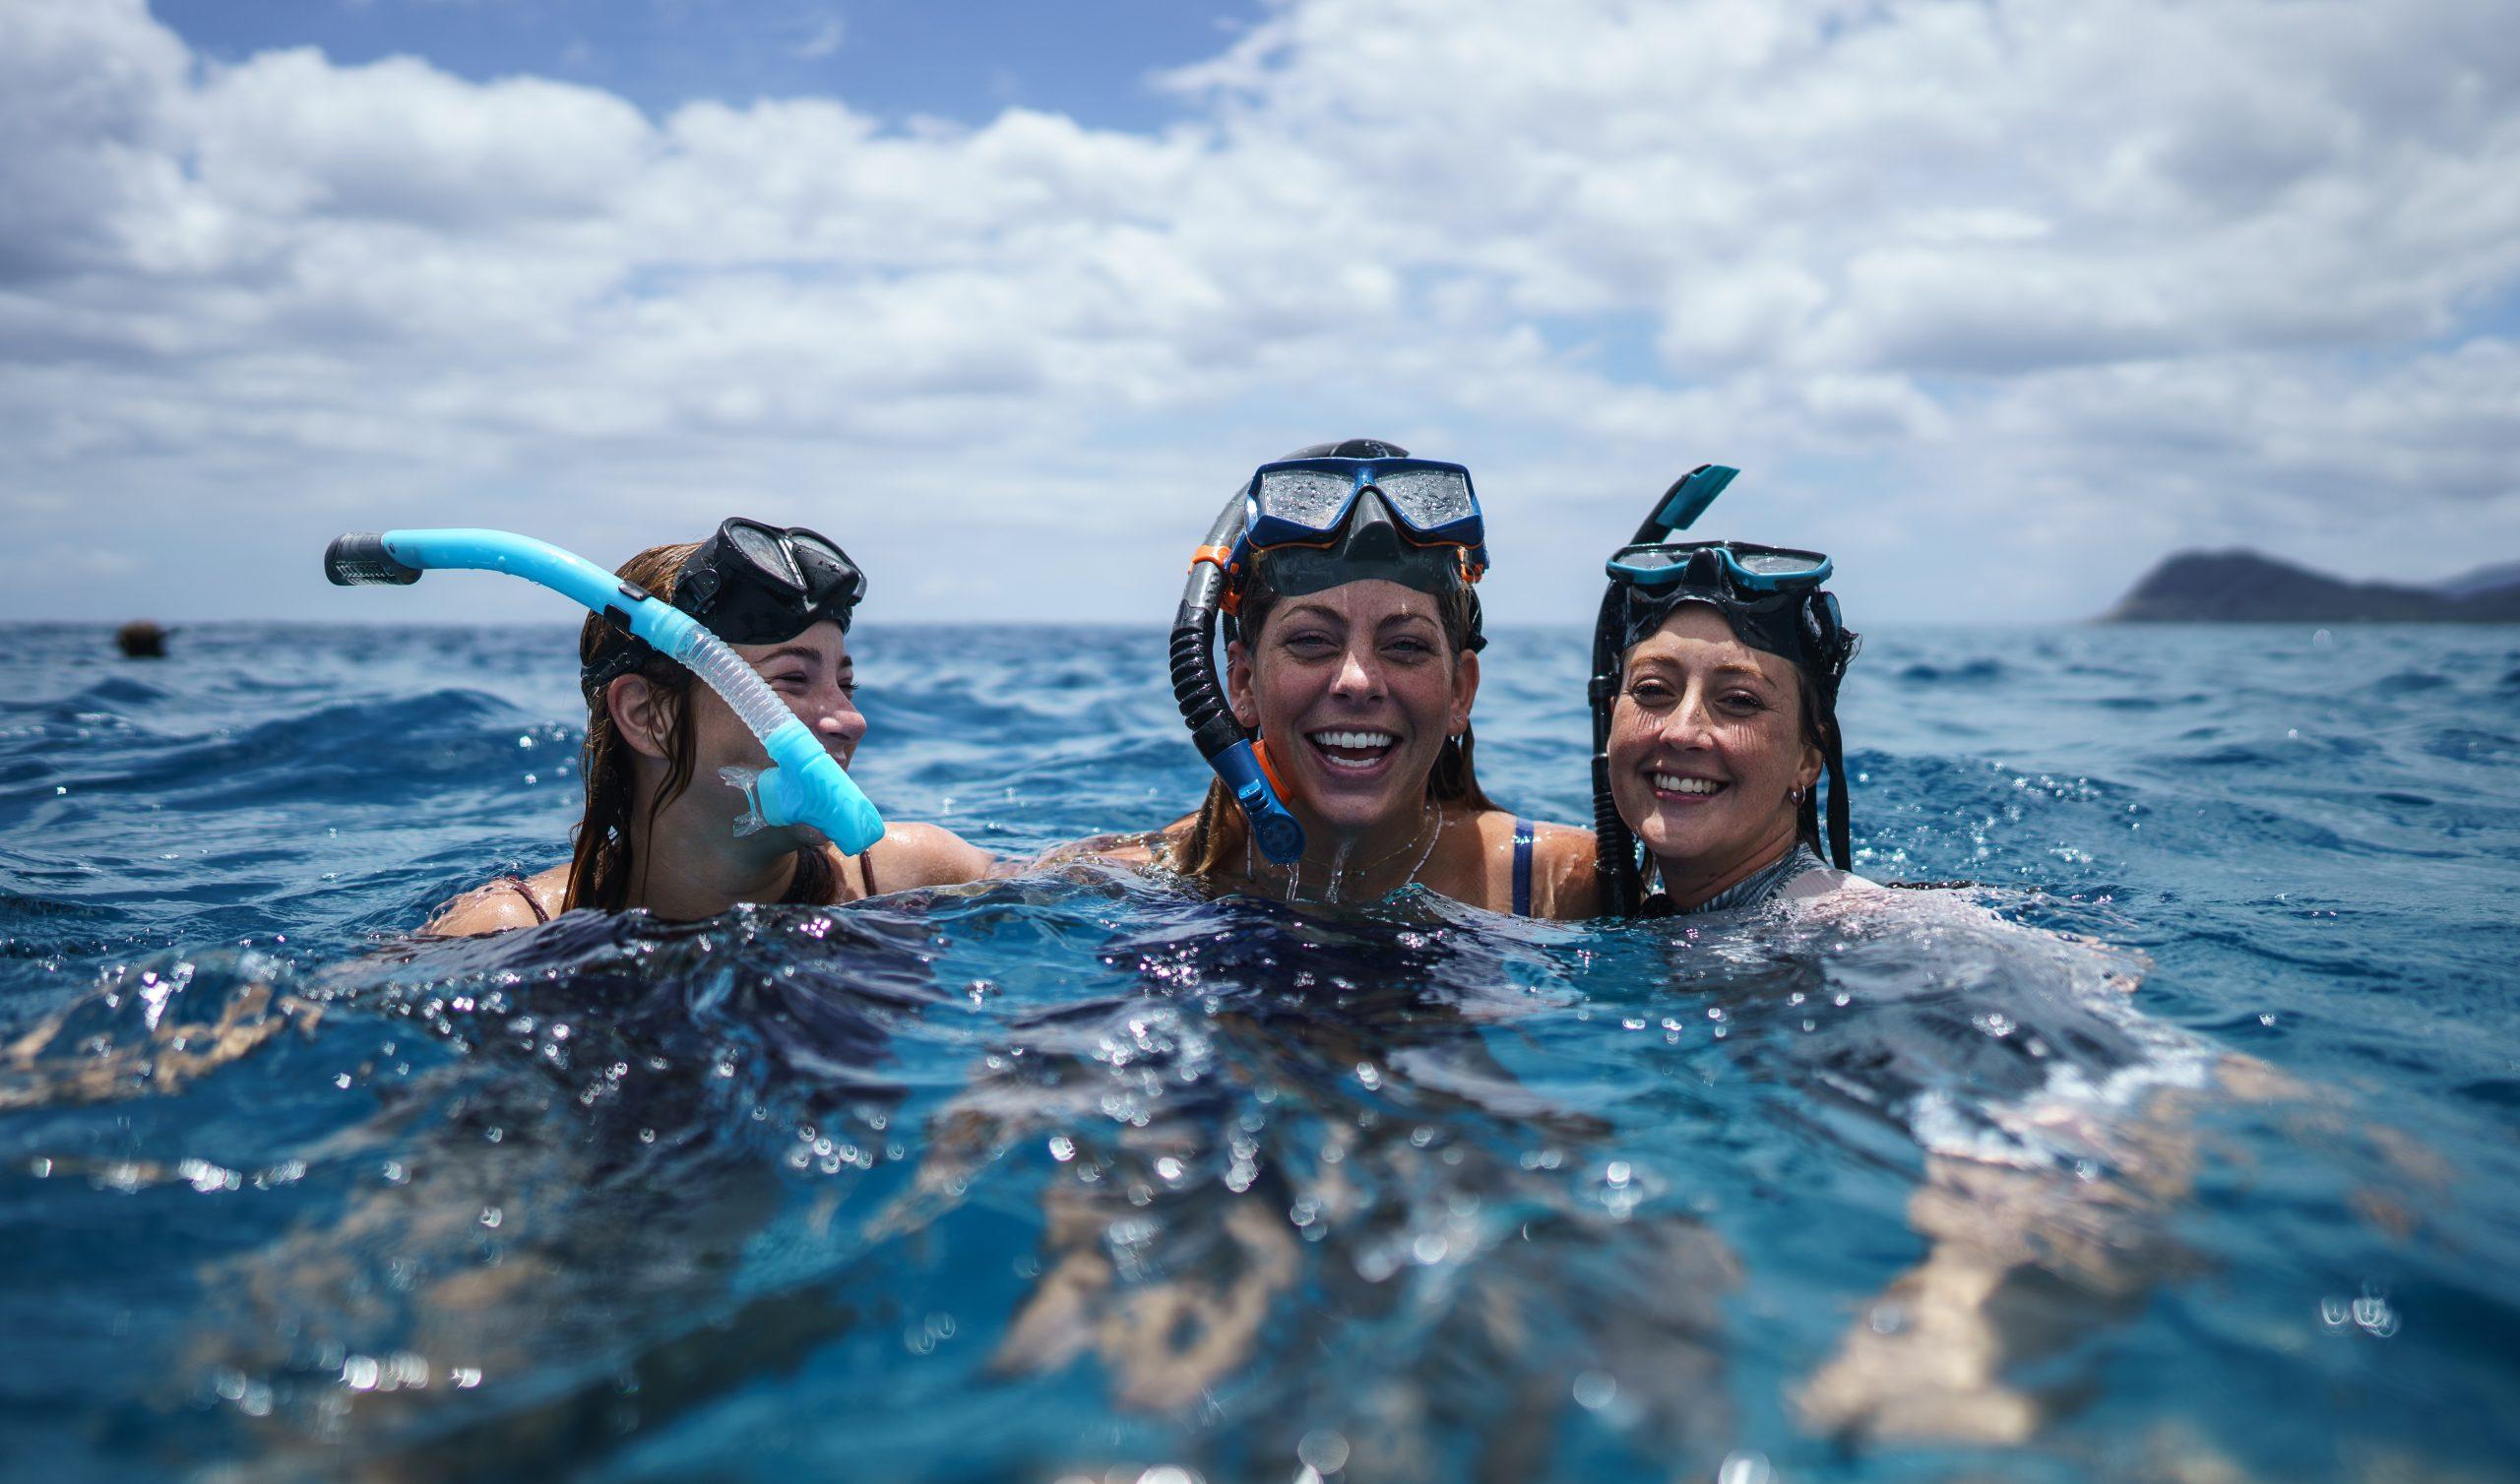 Tres mujeres sonrientes nadando con mascara de snorkel